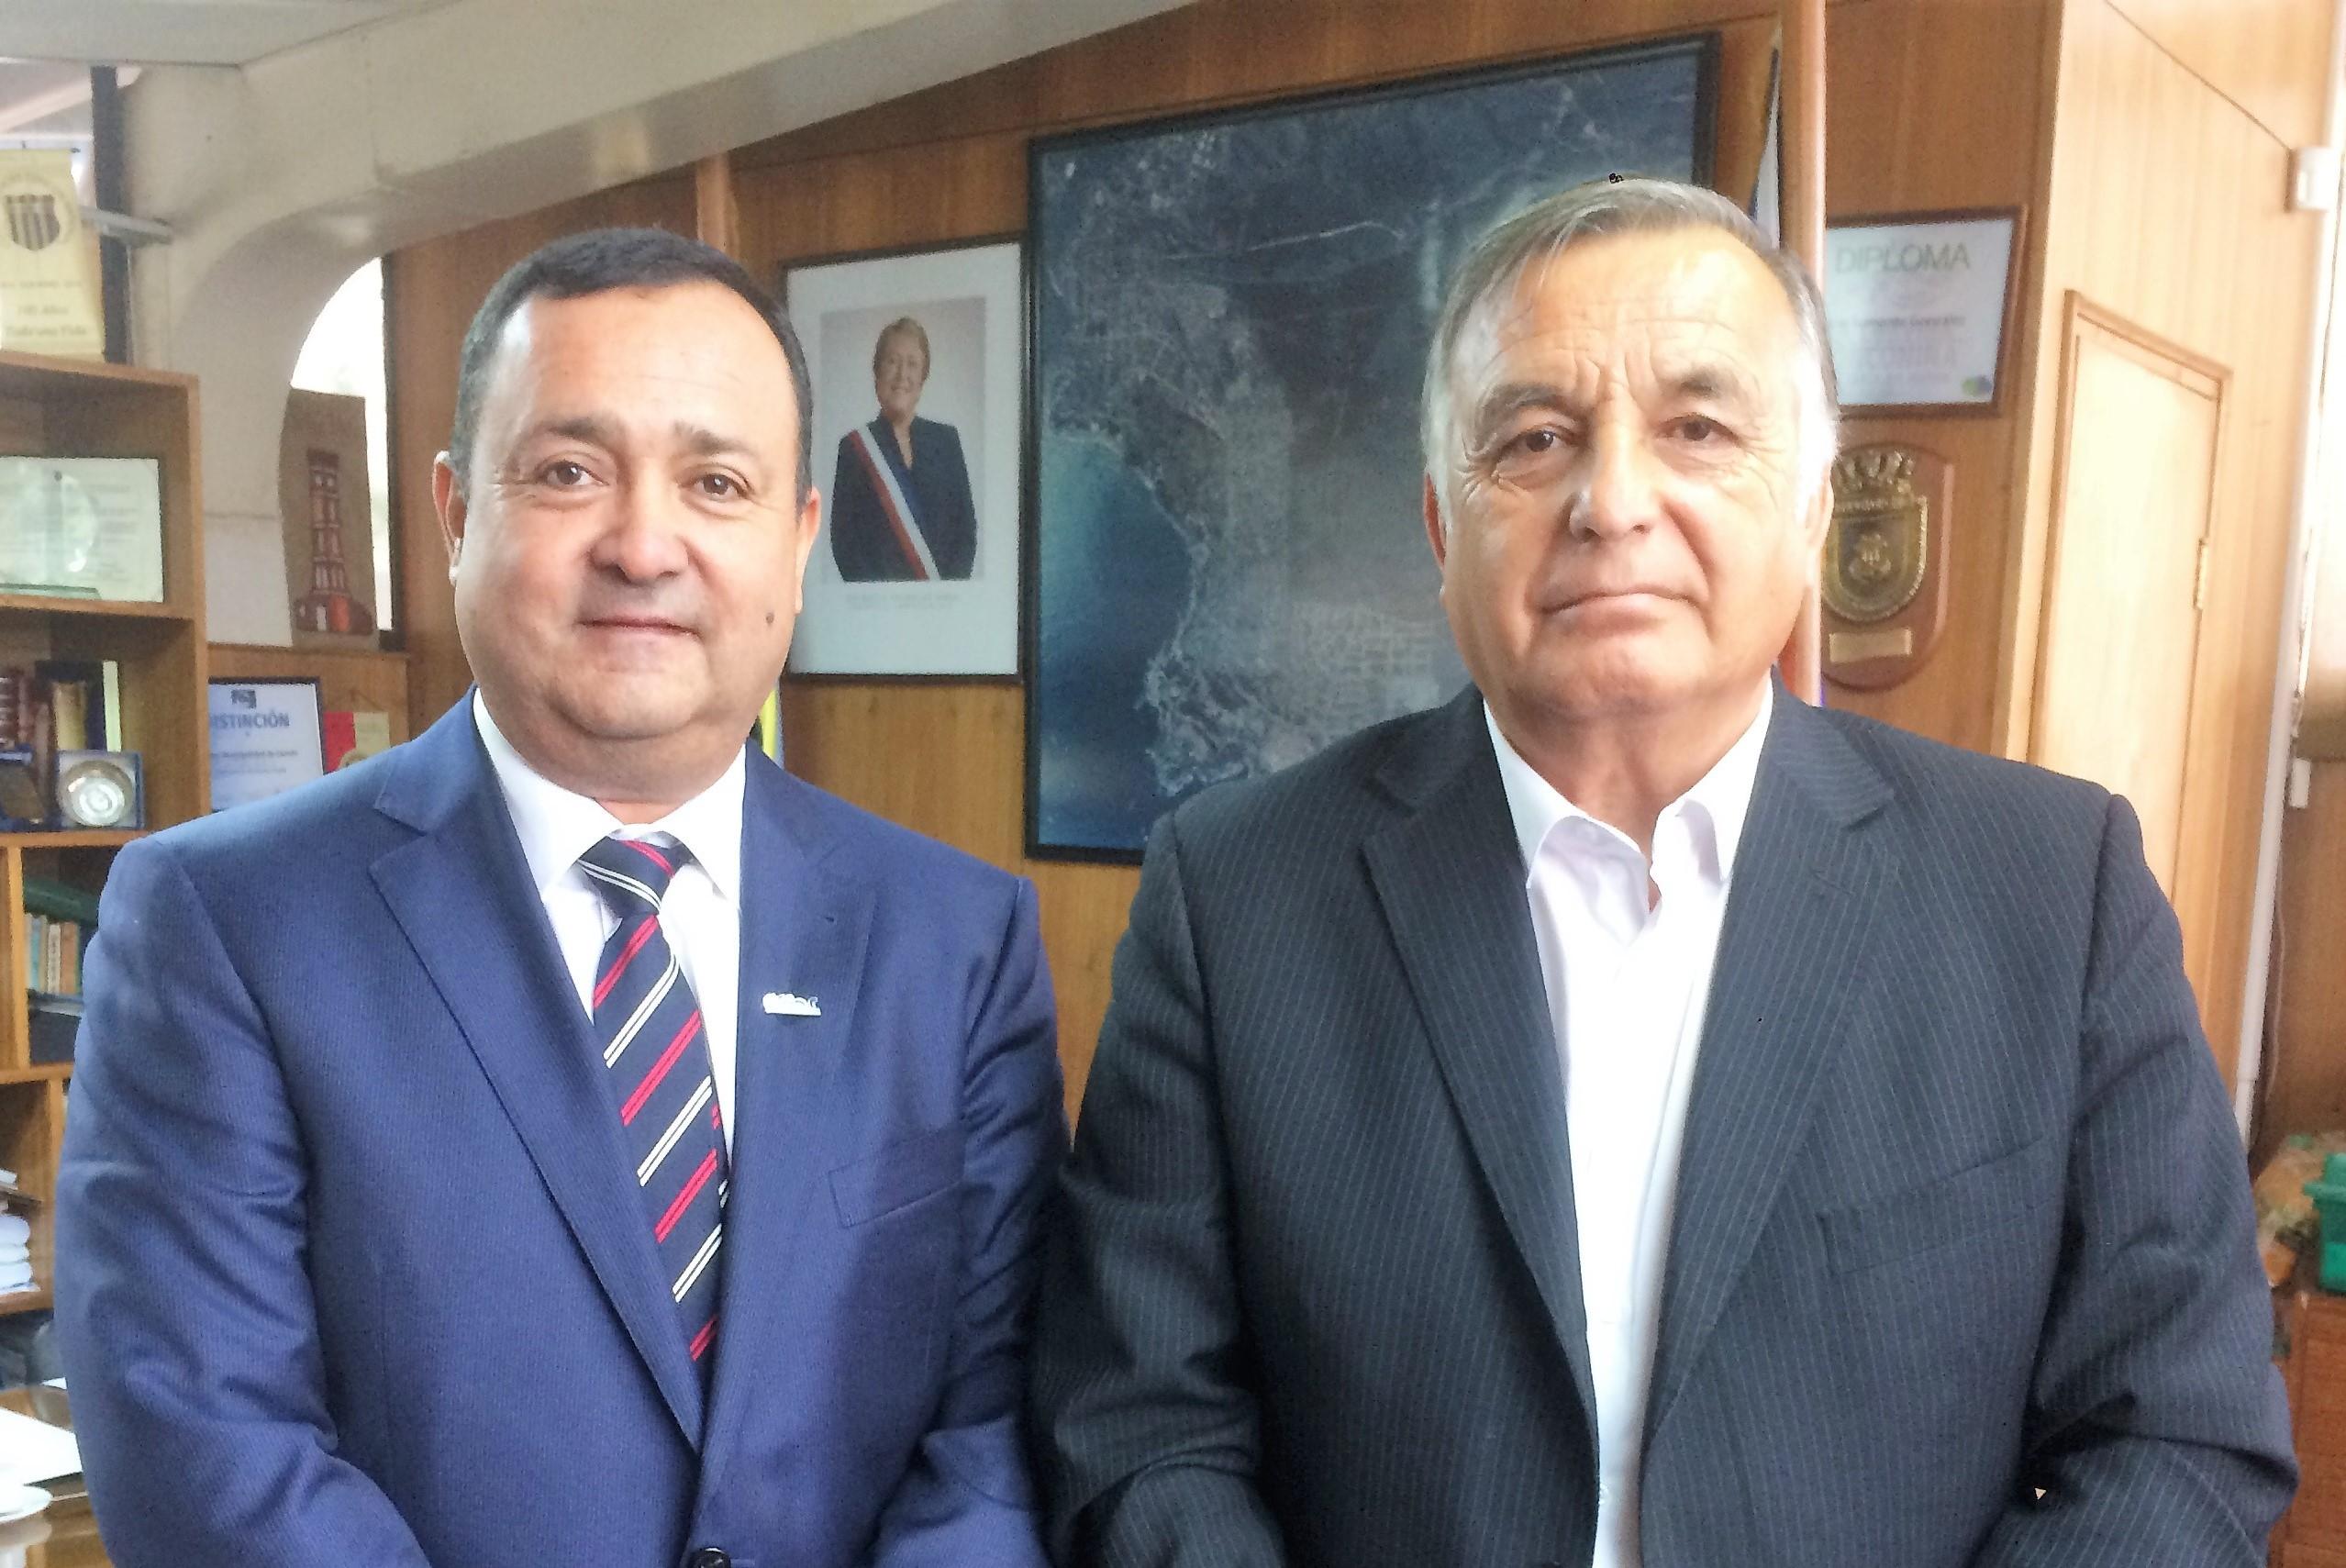 <mark>Infraestructura</mark> y desarrollo urbano fueron ejes de reunión entre CChC Valparaíso y alcalde de Concón noticias